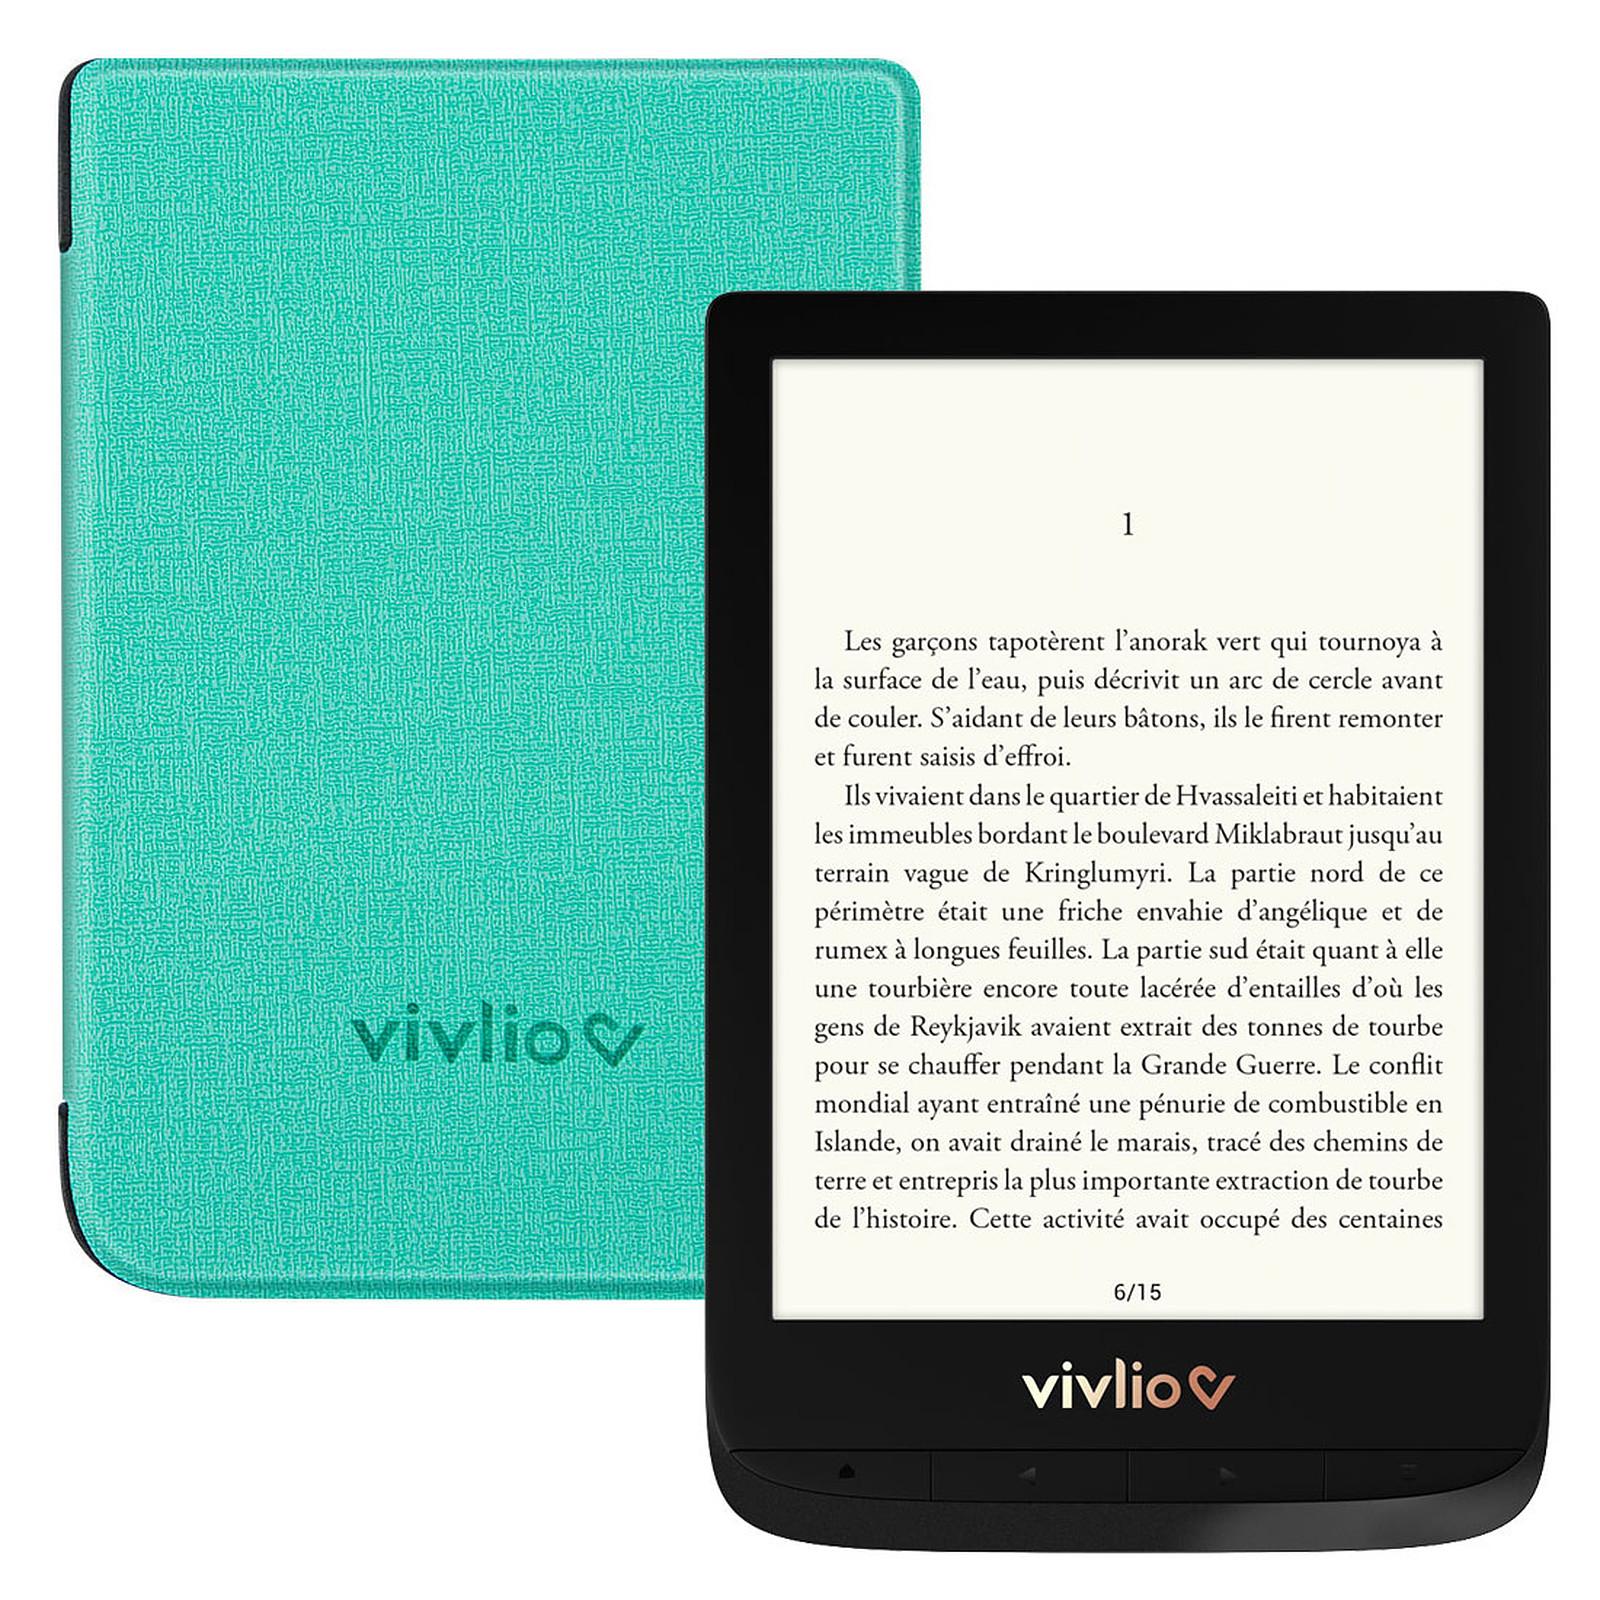 Vivlio Touch Lux 4 Noir + Pack d'eBooks OFFERT + Housse Chinée Verte